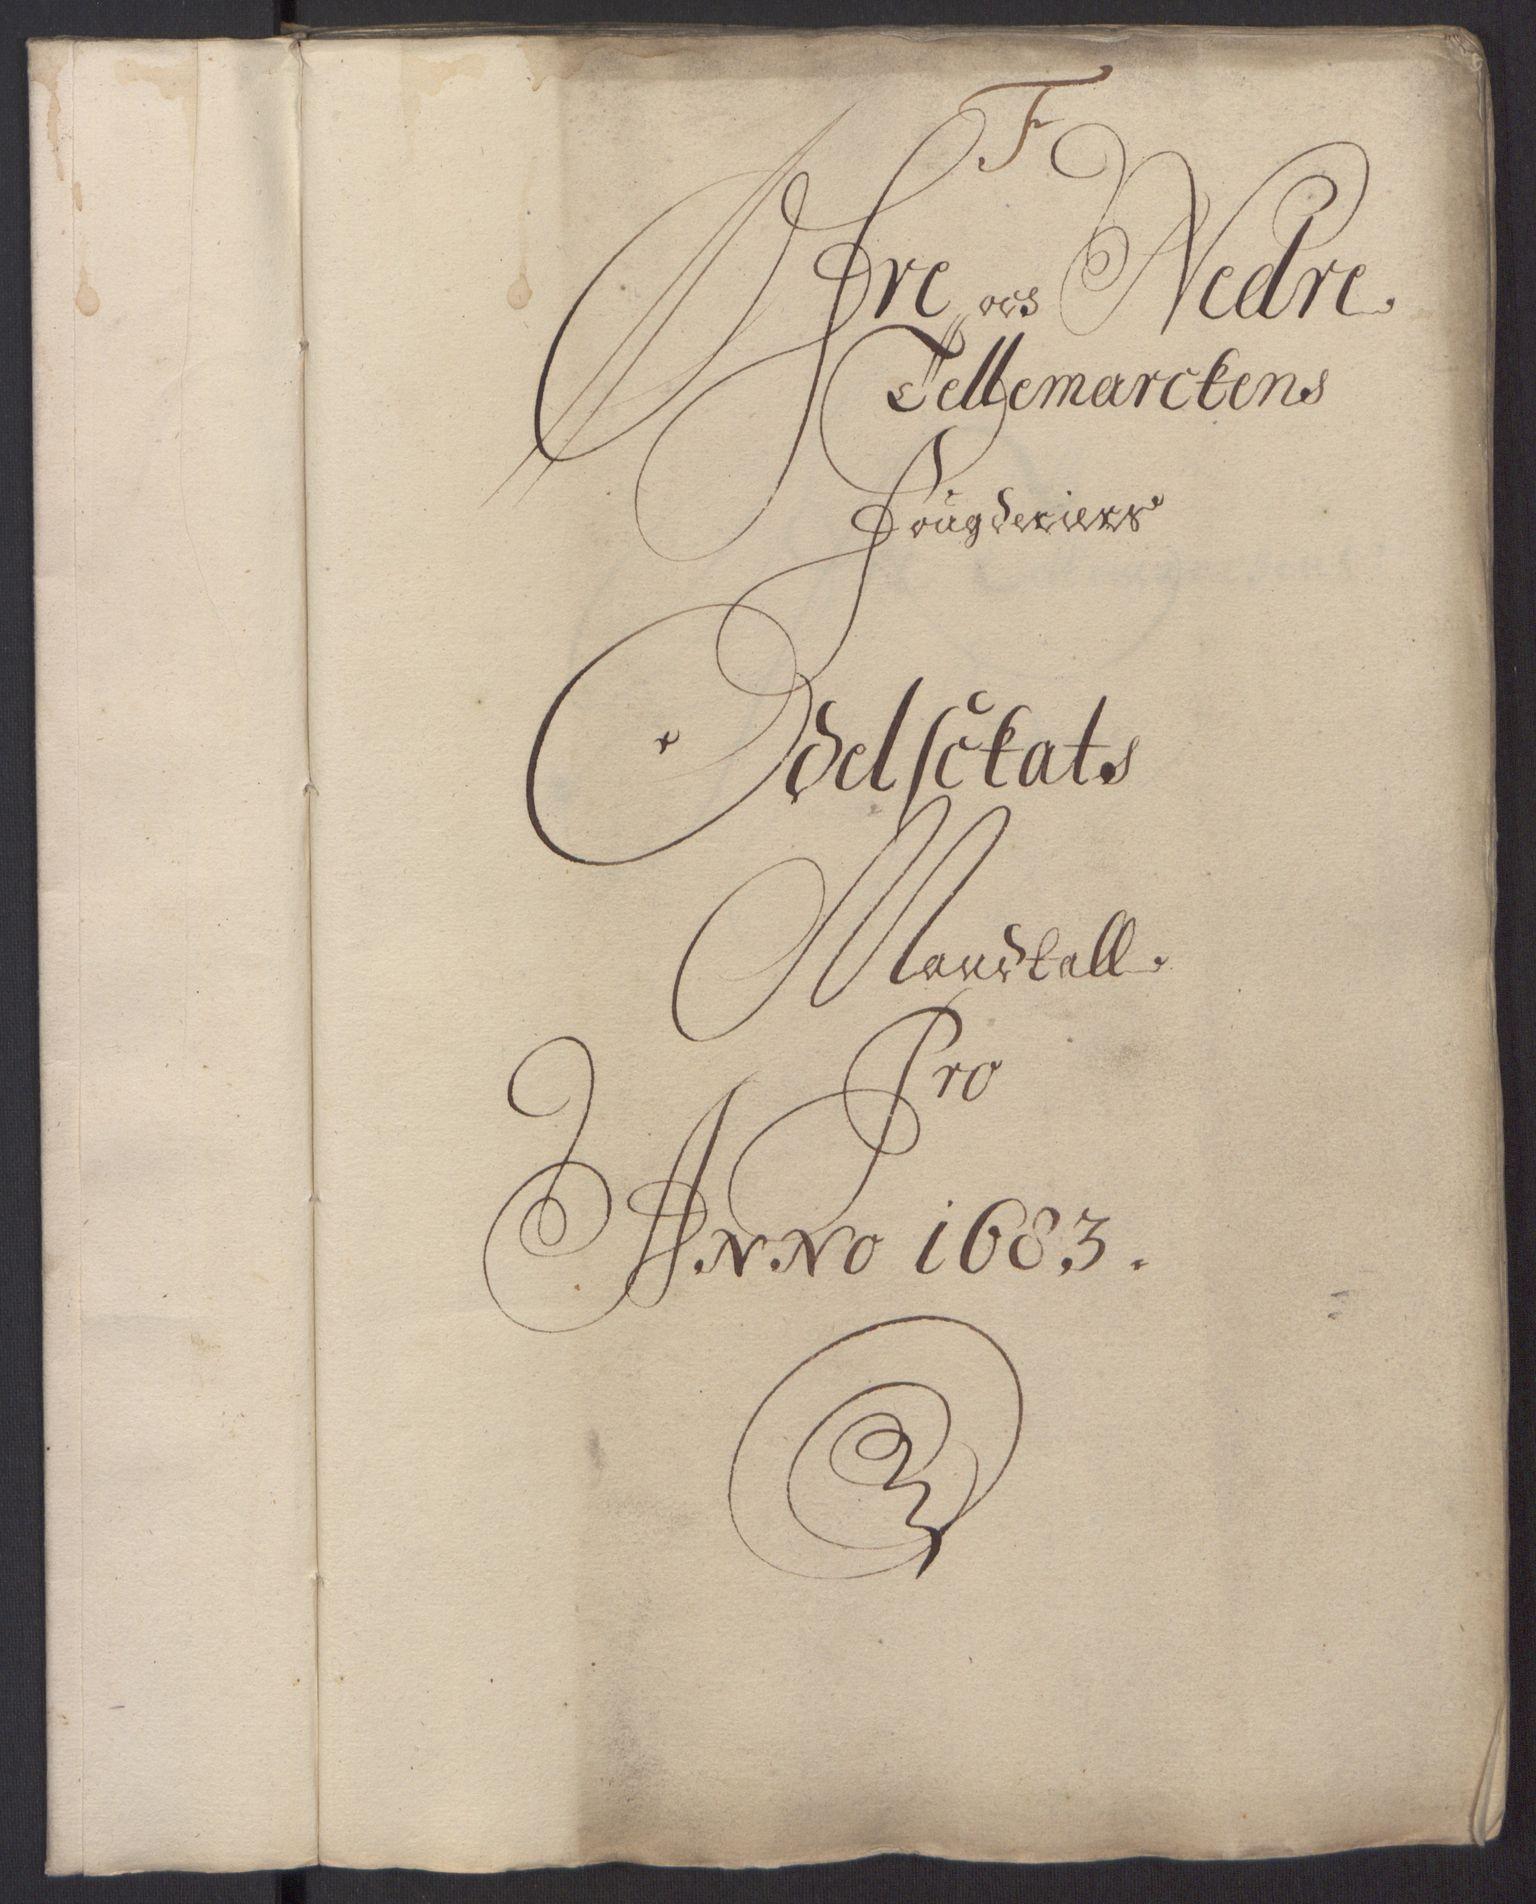 RA, Rentekammeret inntil 1814, Reviderte regnskaper, Fogderegnskap, R35/L2080: Fogderegnskap Øvre og Nedre Telemark, 1680-1684, s. 29